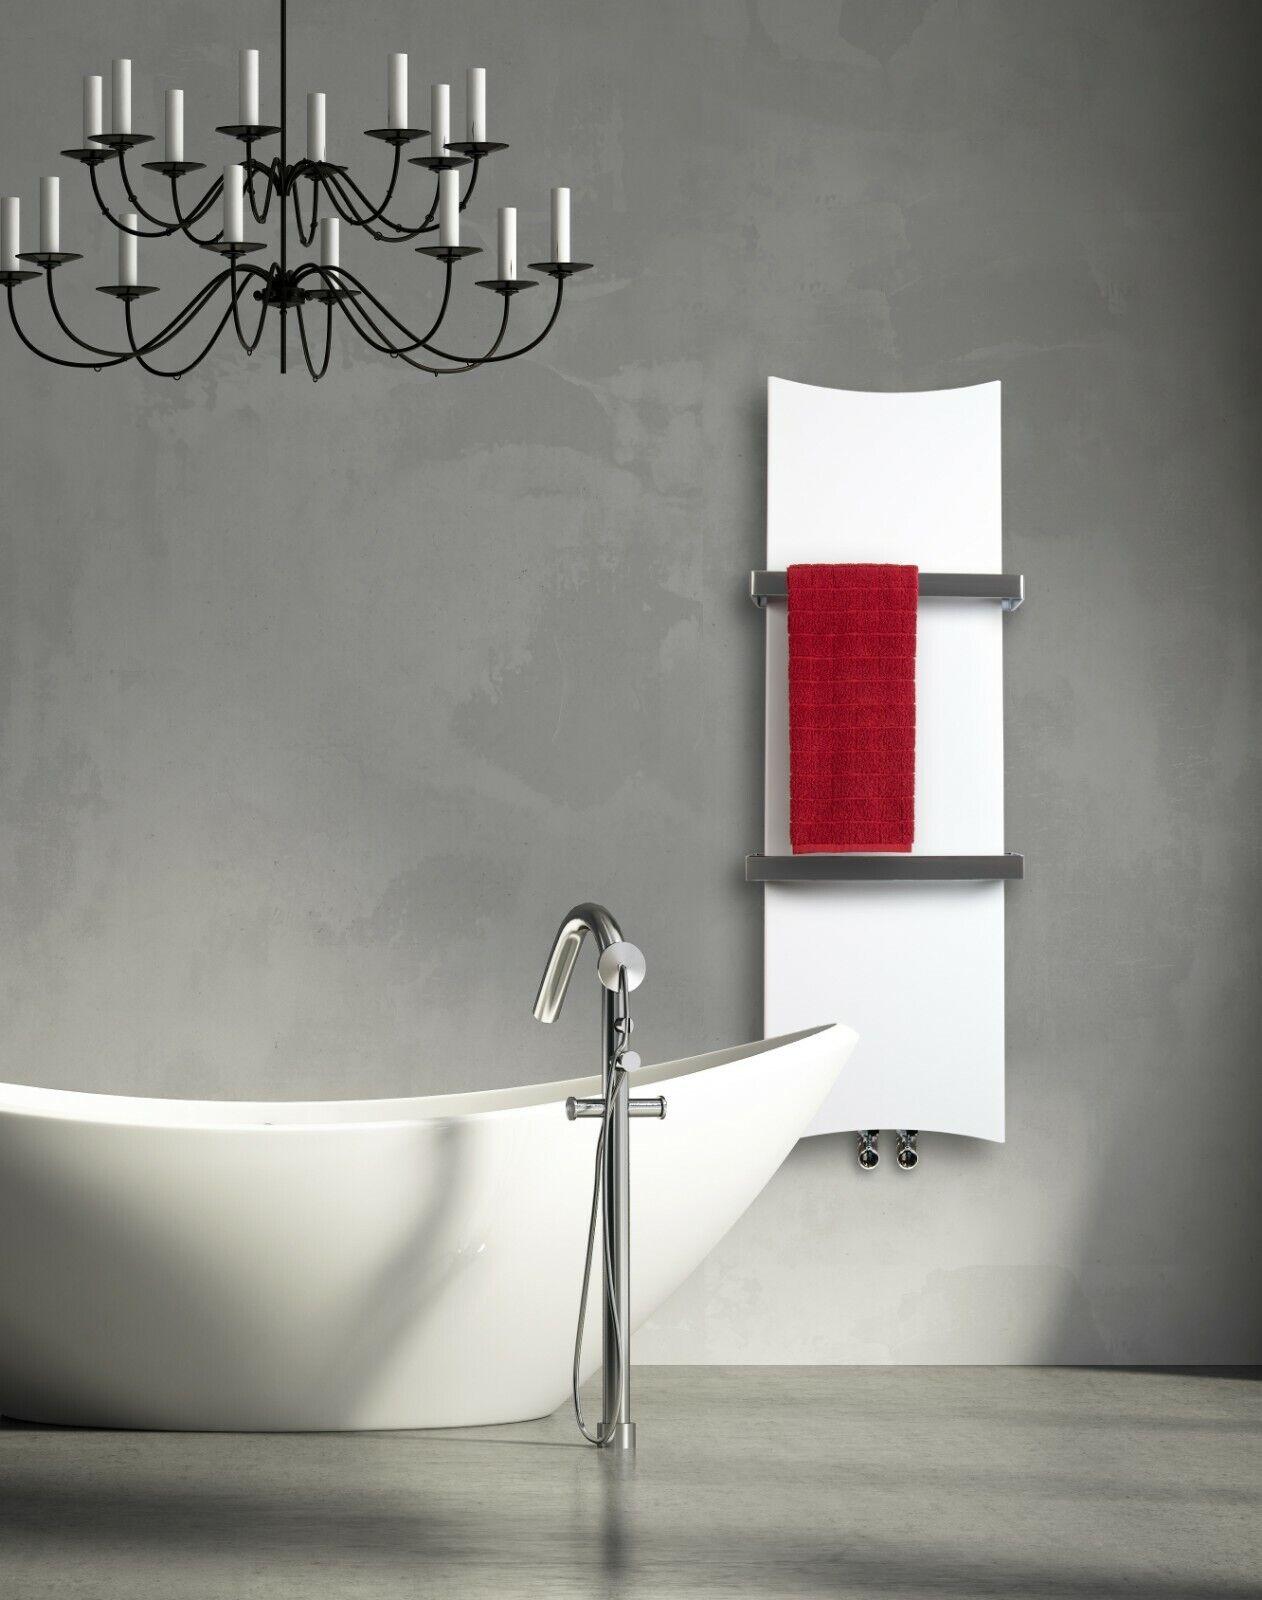 blancoo hueso Diseñador Radiador Toallero calentado 300 mm de ancho de 1200 mm de alto de baño